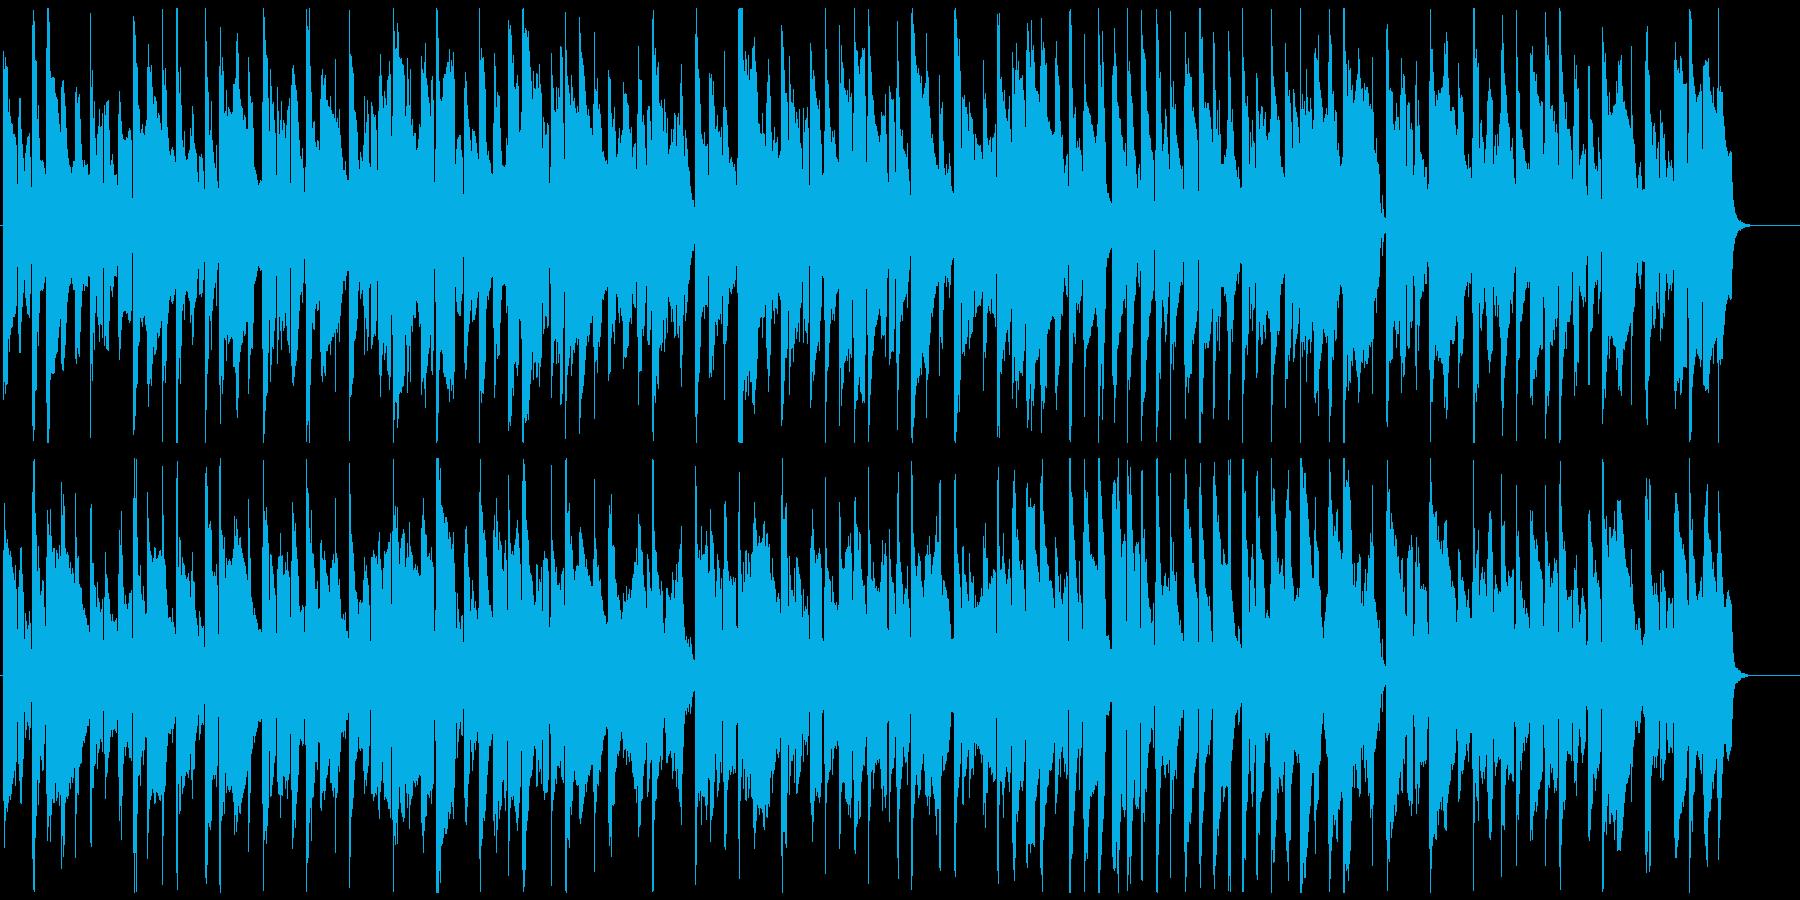 ふにゃふにゃした日常シーン系リコーダー曲の再生済みの波形